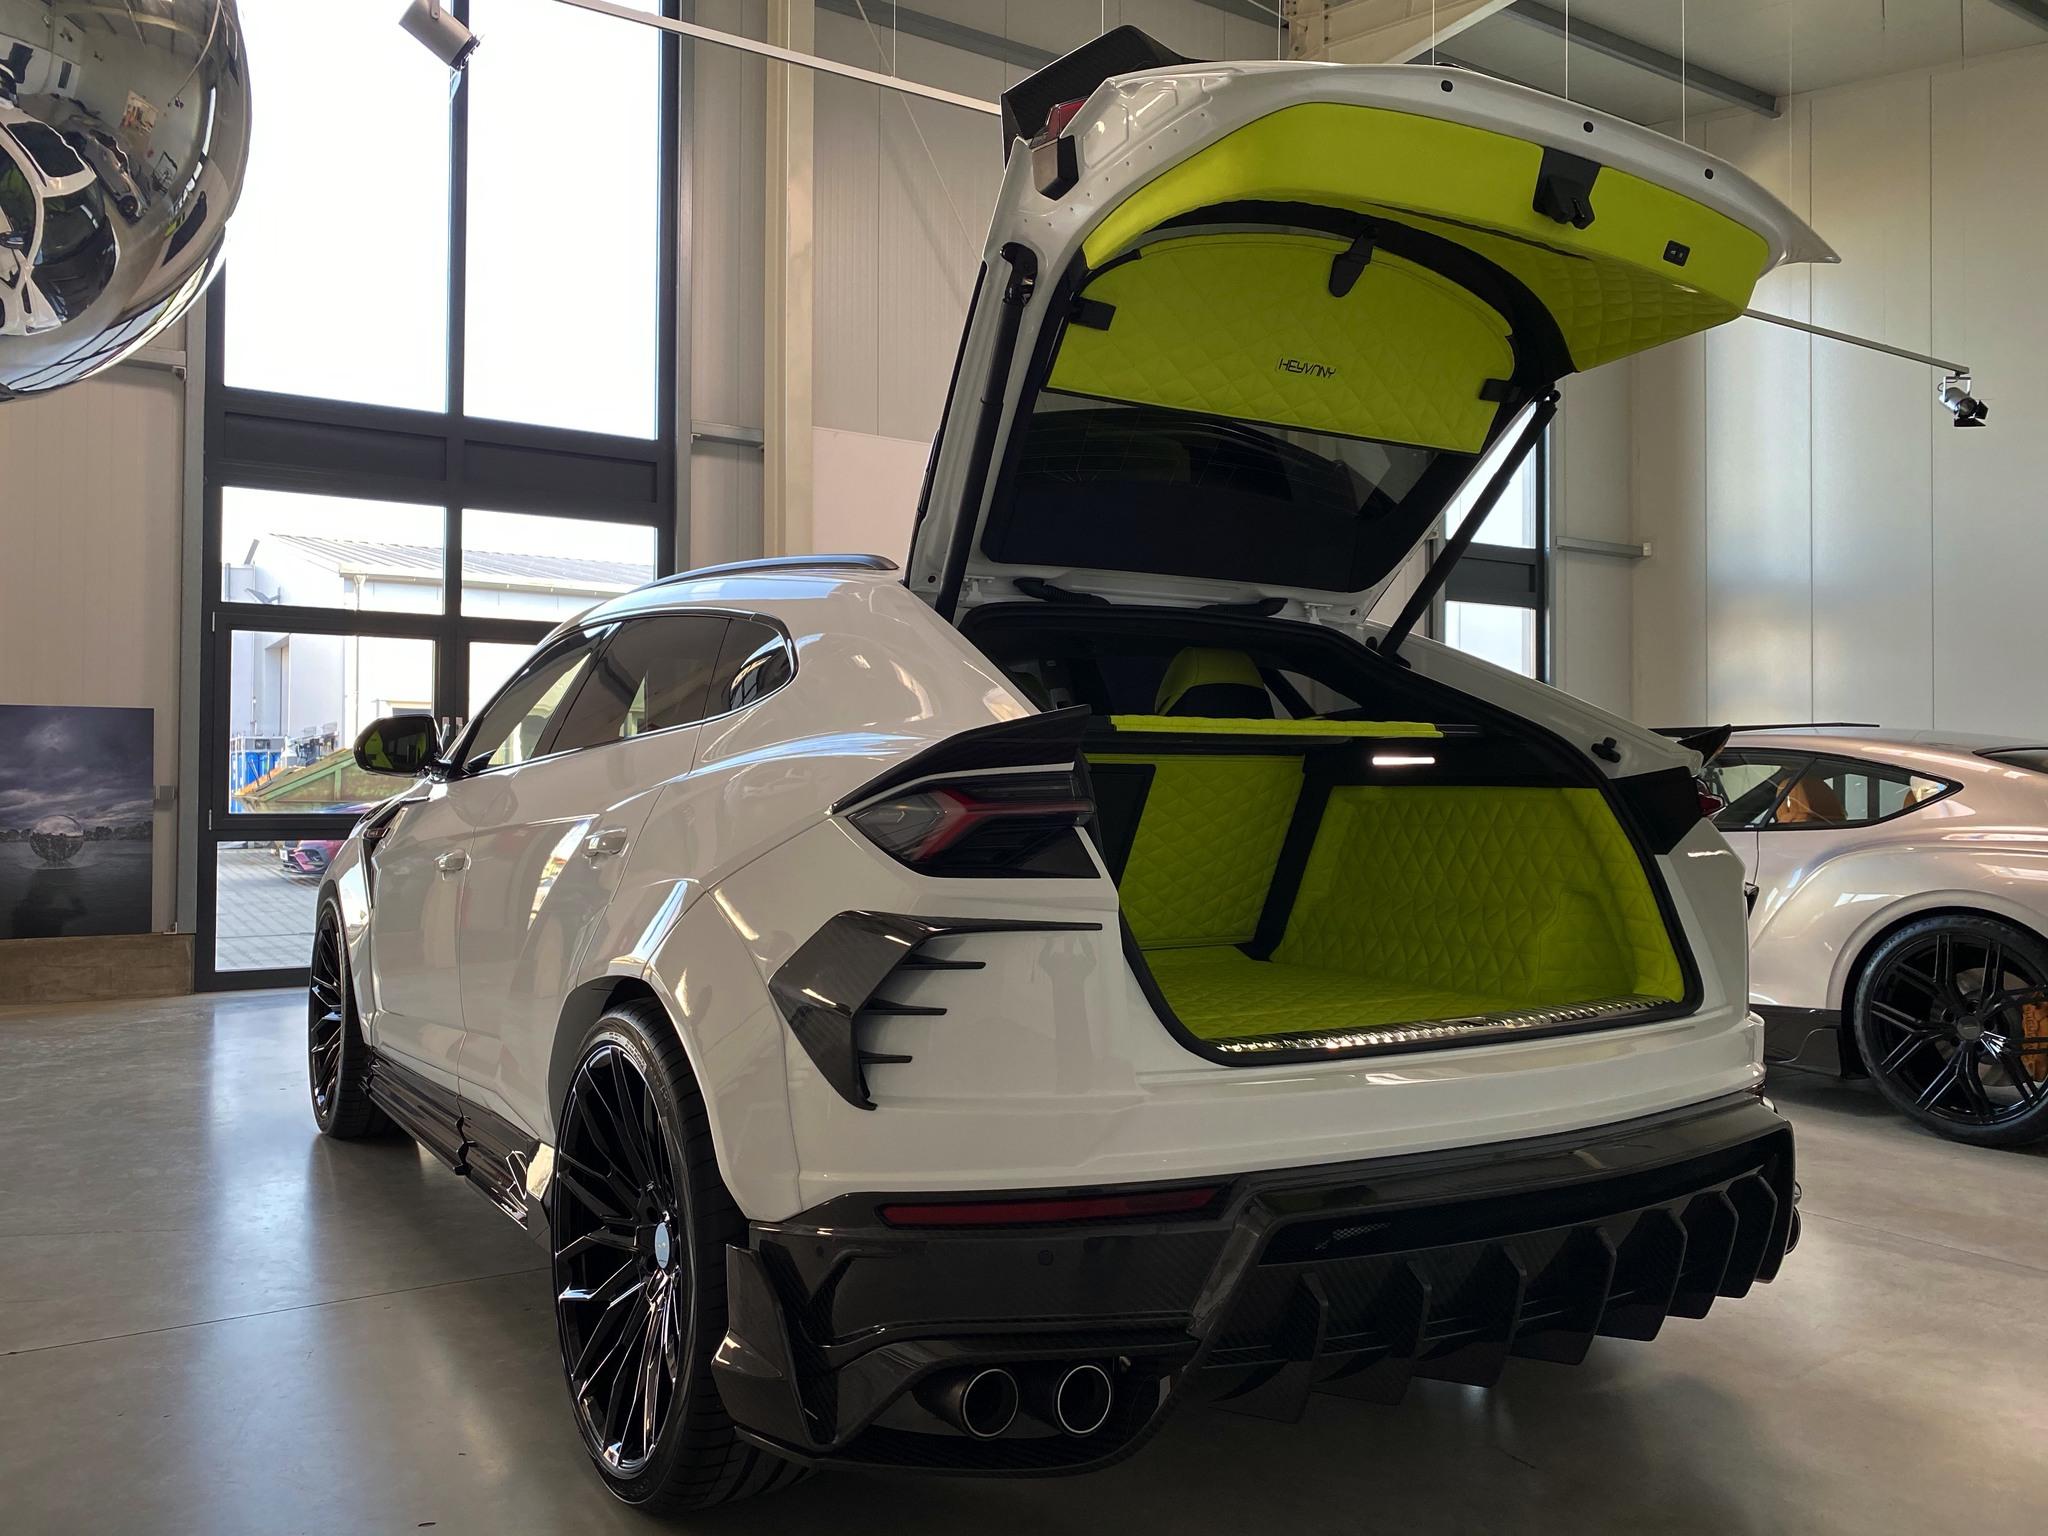 Keyvany body kit for Lamborghini Urus carbon fiber